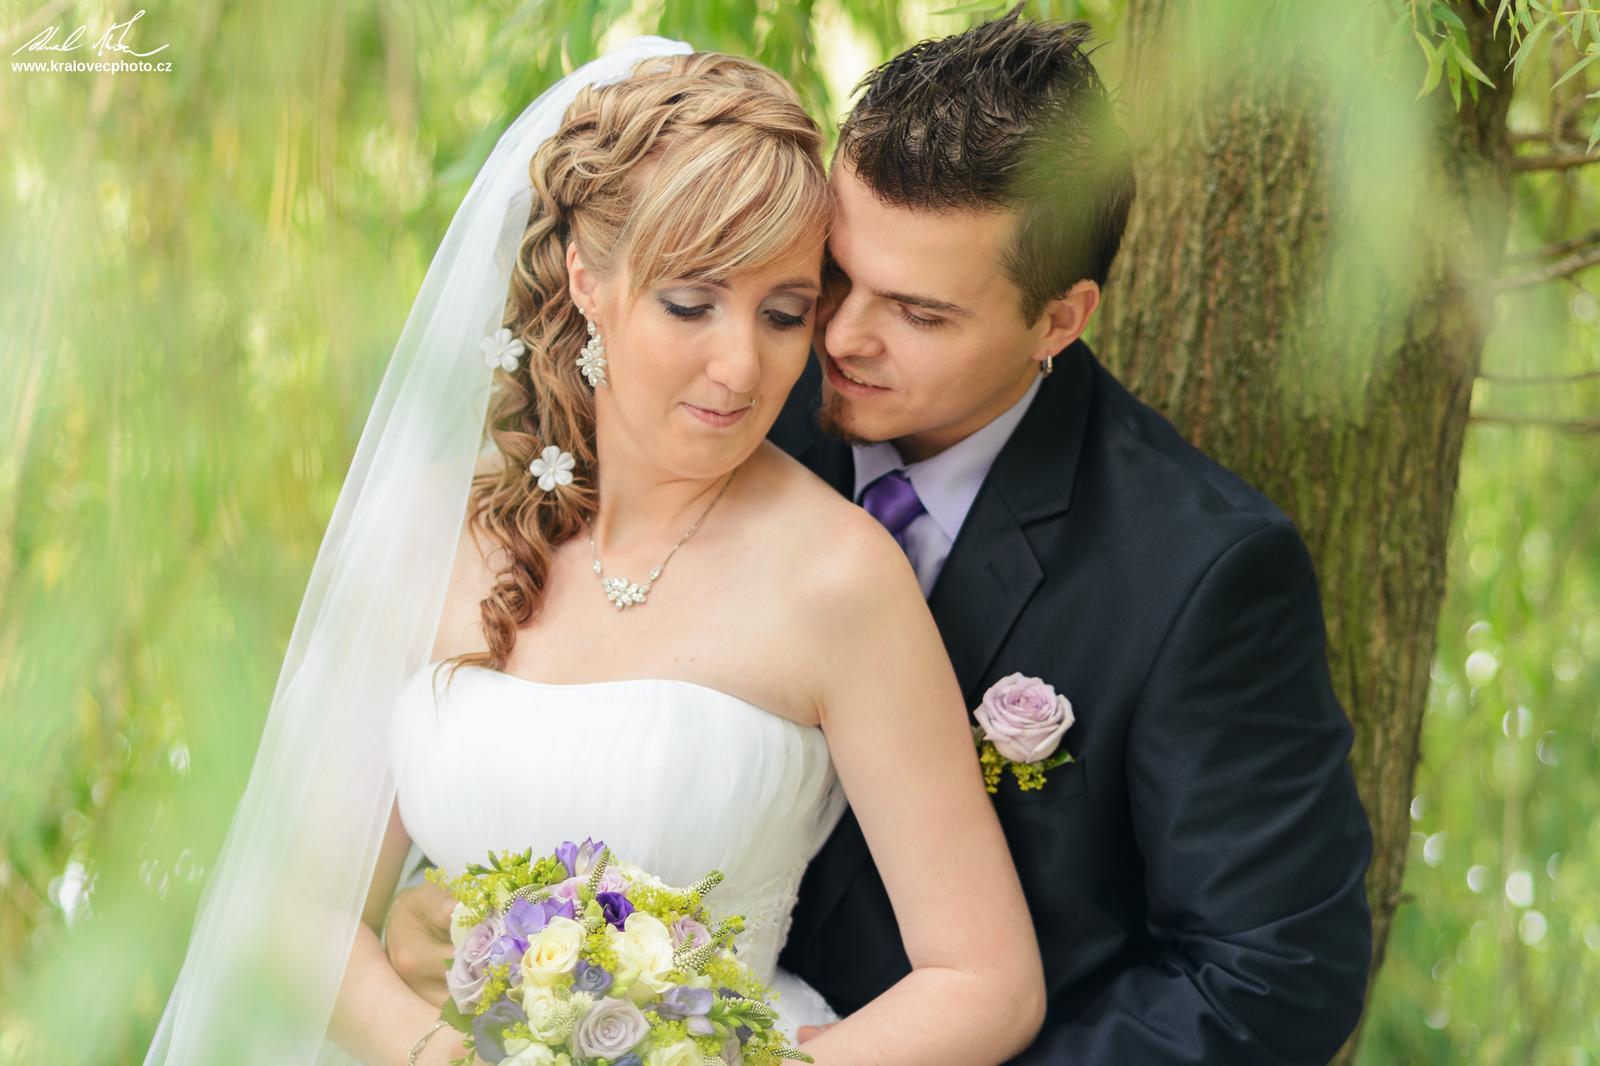 Svatební fotograf Karel Královec - kralovecphoto - Obrázek č. 52